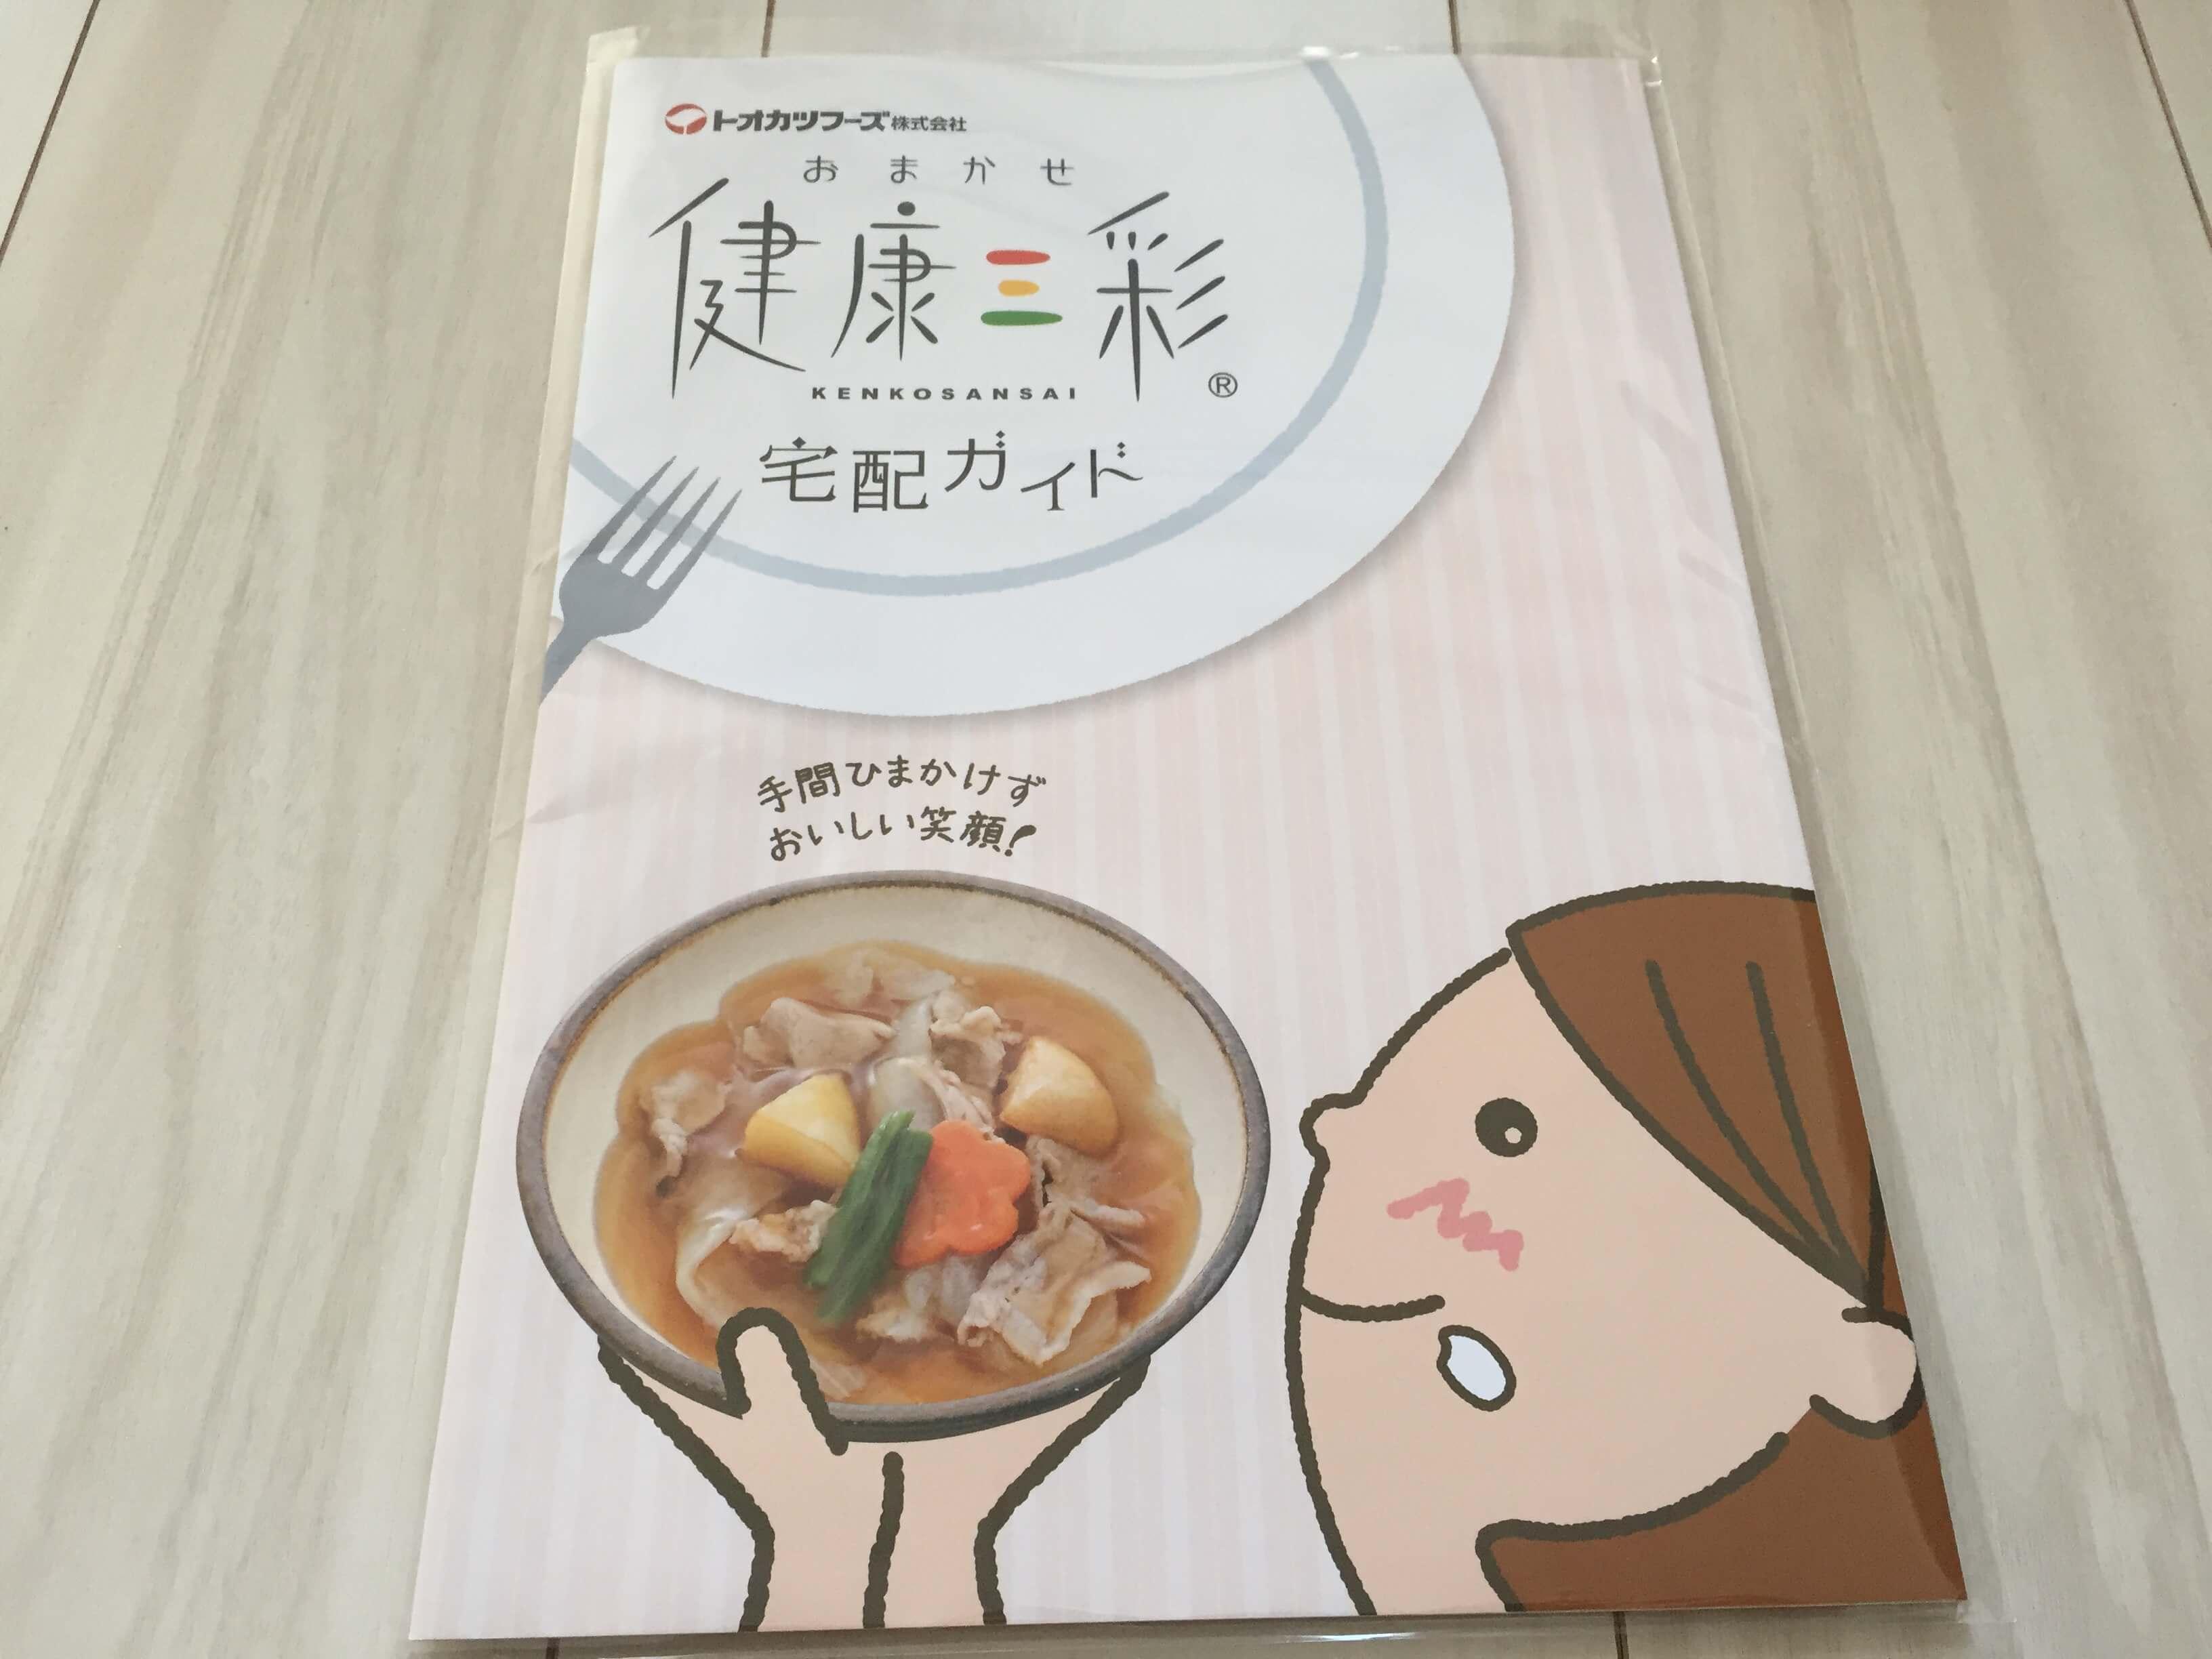 おまかせ健康三彩(トオカツフーズ)冊子